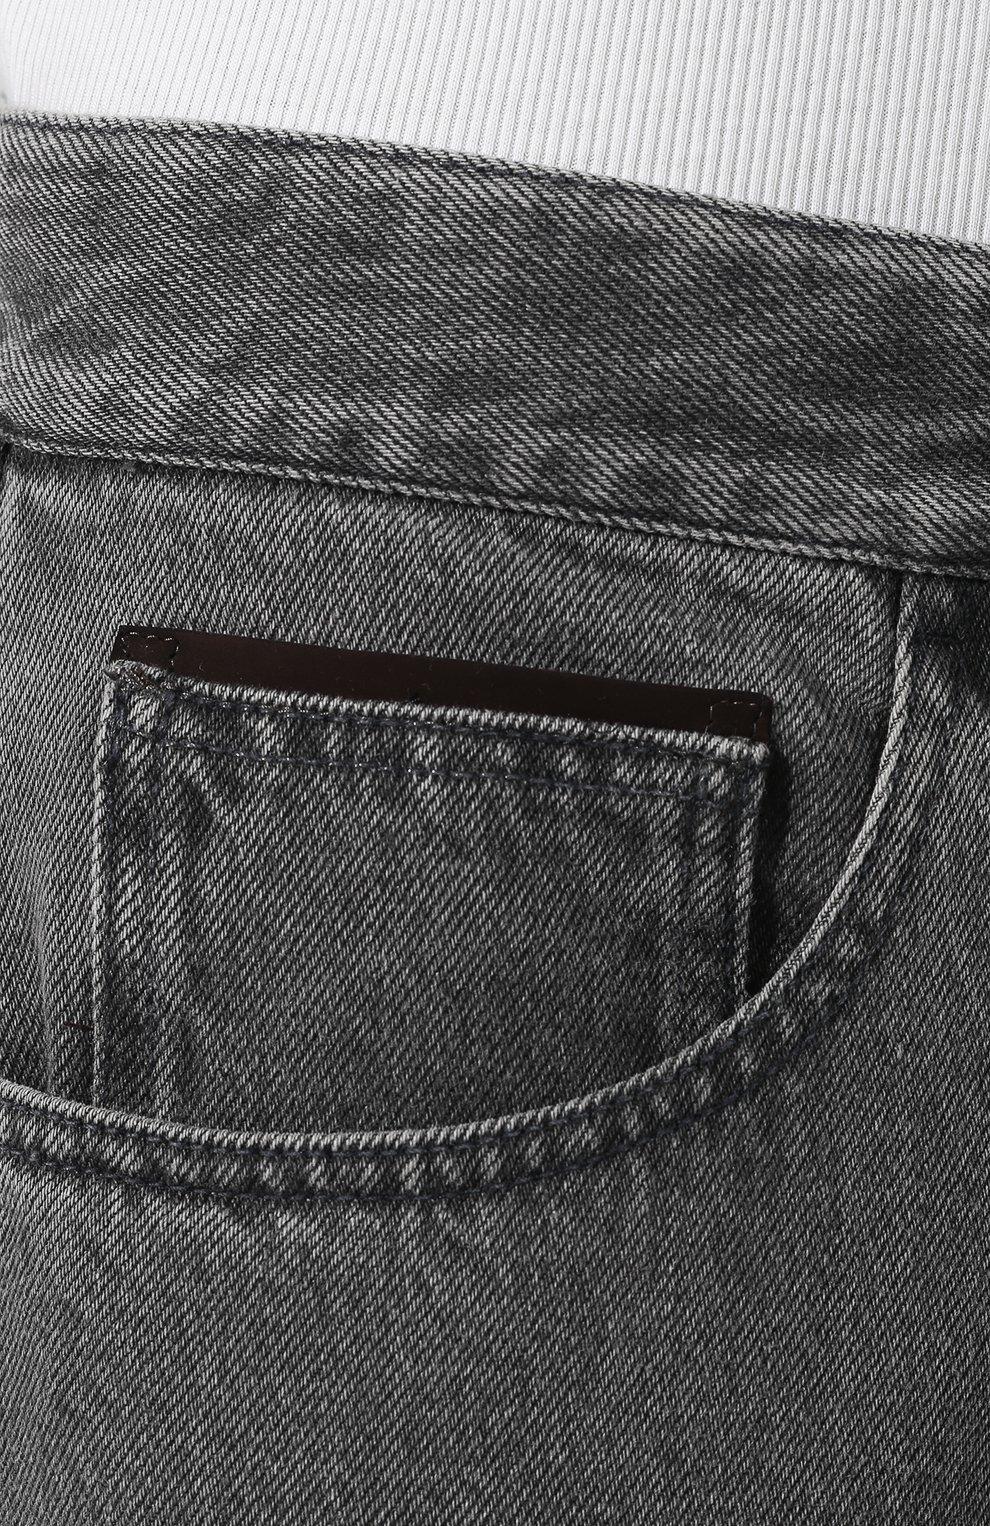 Мужские джинсы ERMENEGILDO ZEGNA серого цвета, арт. UTL03/JL02 | Фото 5